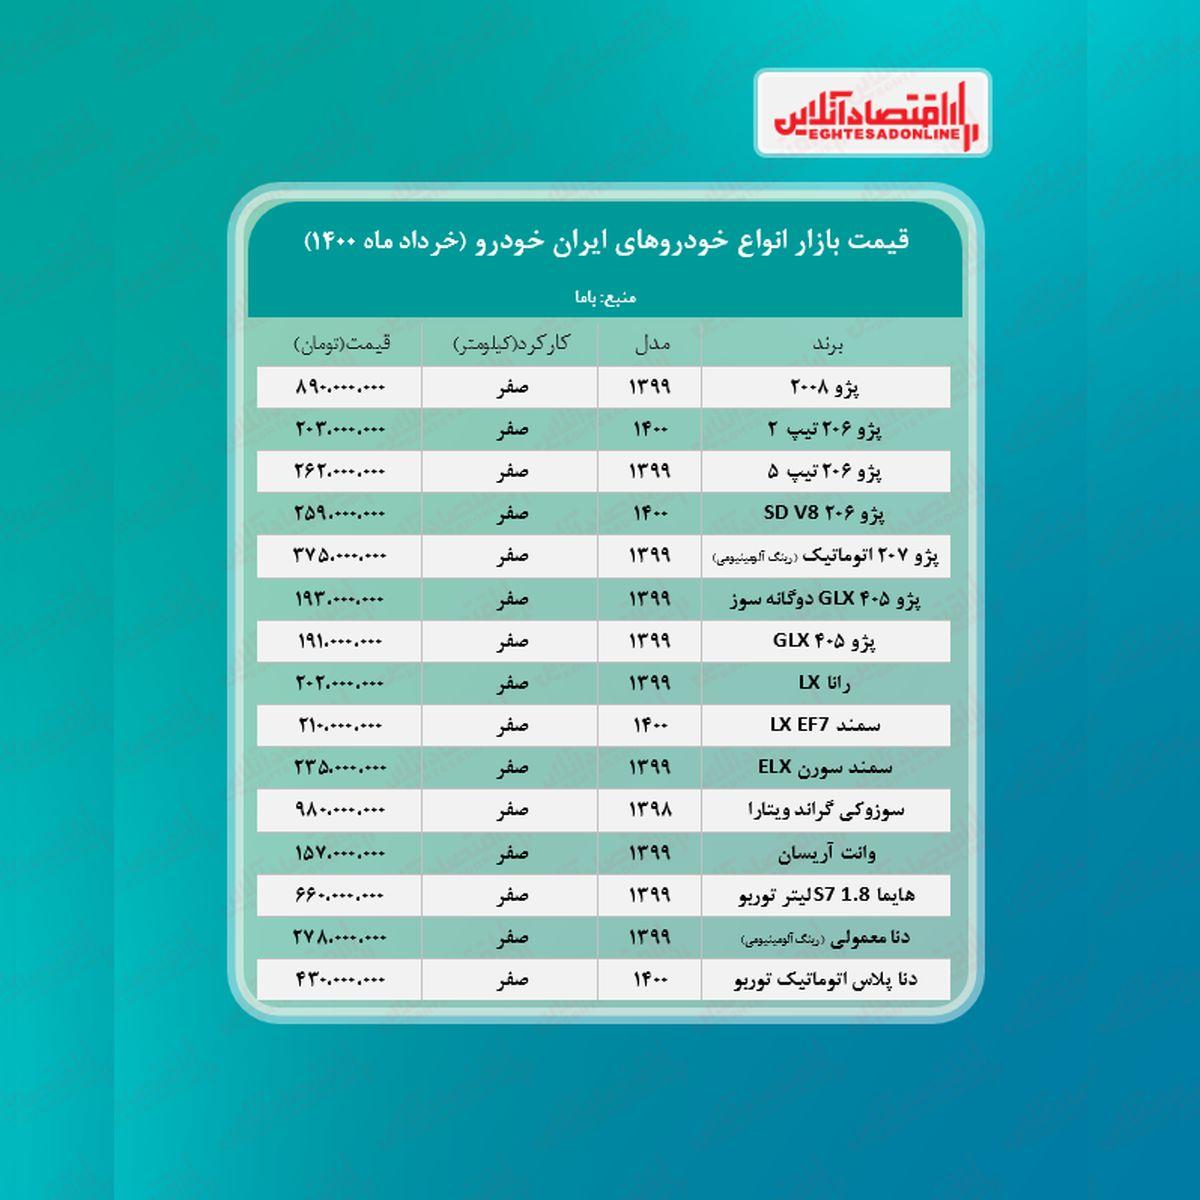 قیمت محصولات ایران خودرو امروز ۱۴۰۰/۳/۸